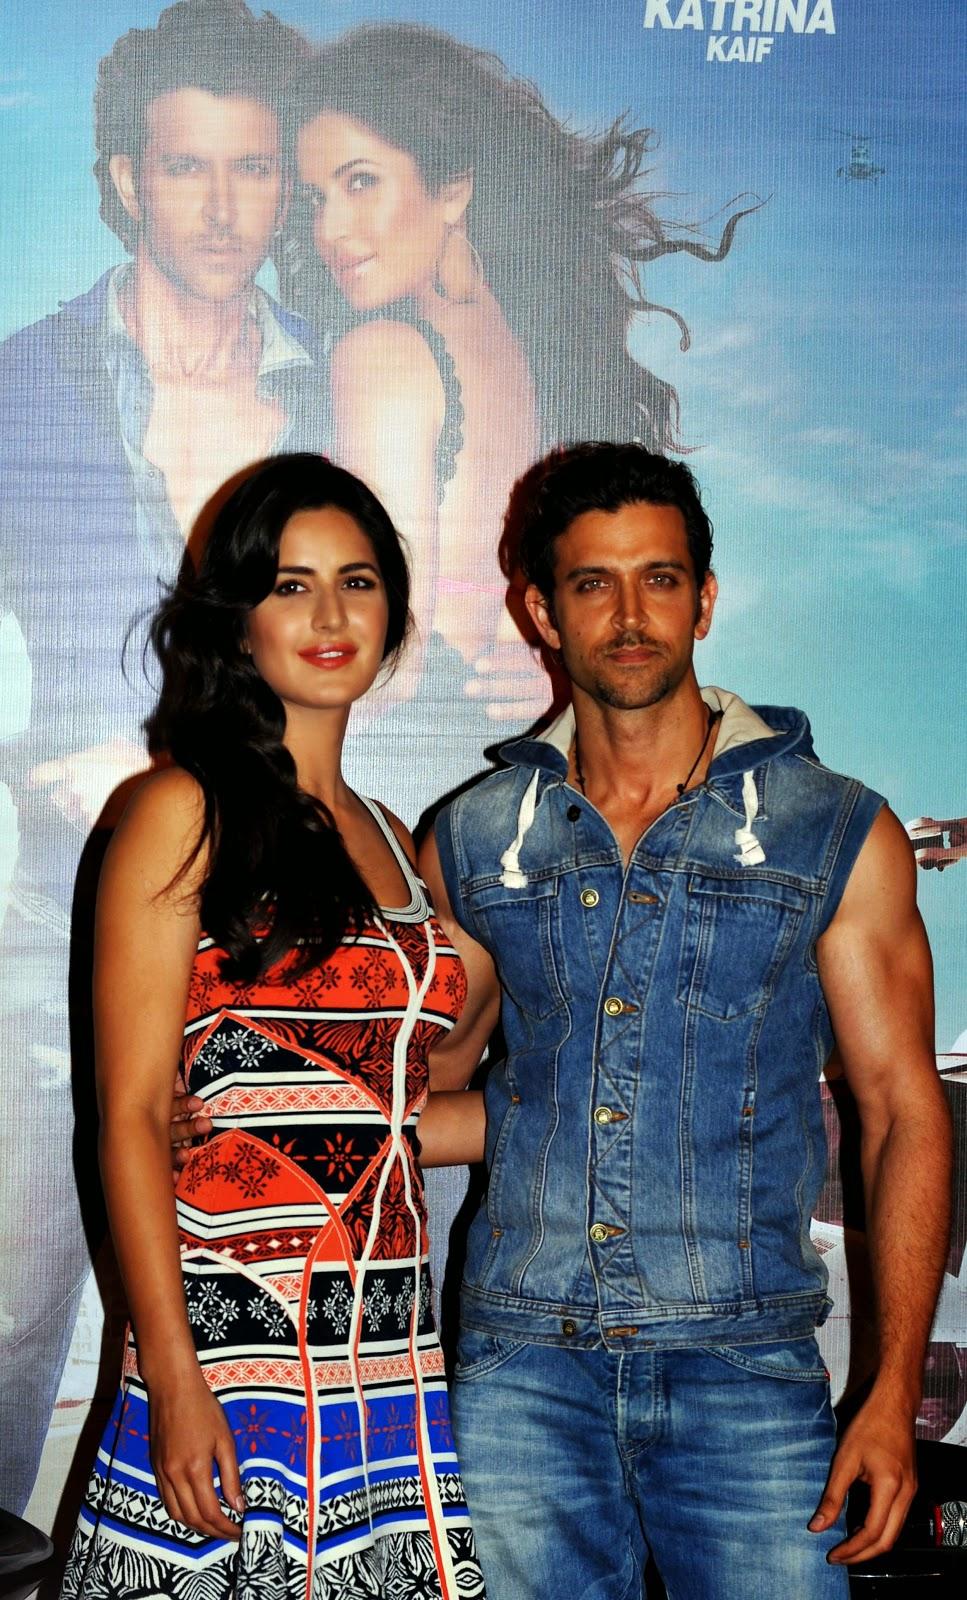 Katrina Kaif and Hrithik Roshan HD Pictures of 'Bnag Bang!' Promotion